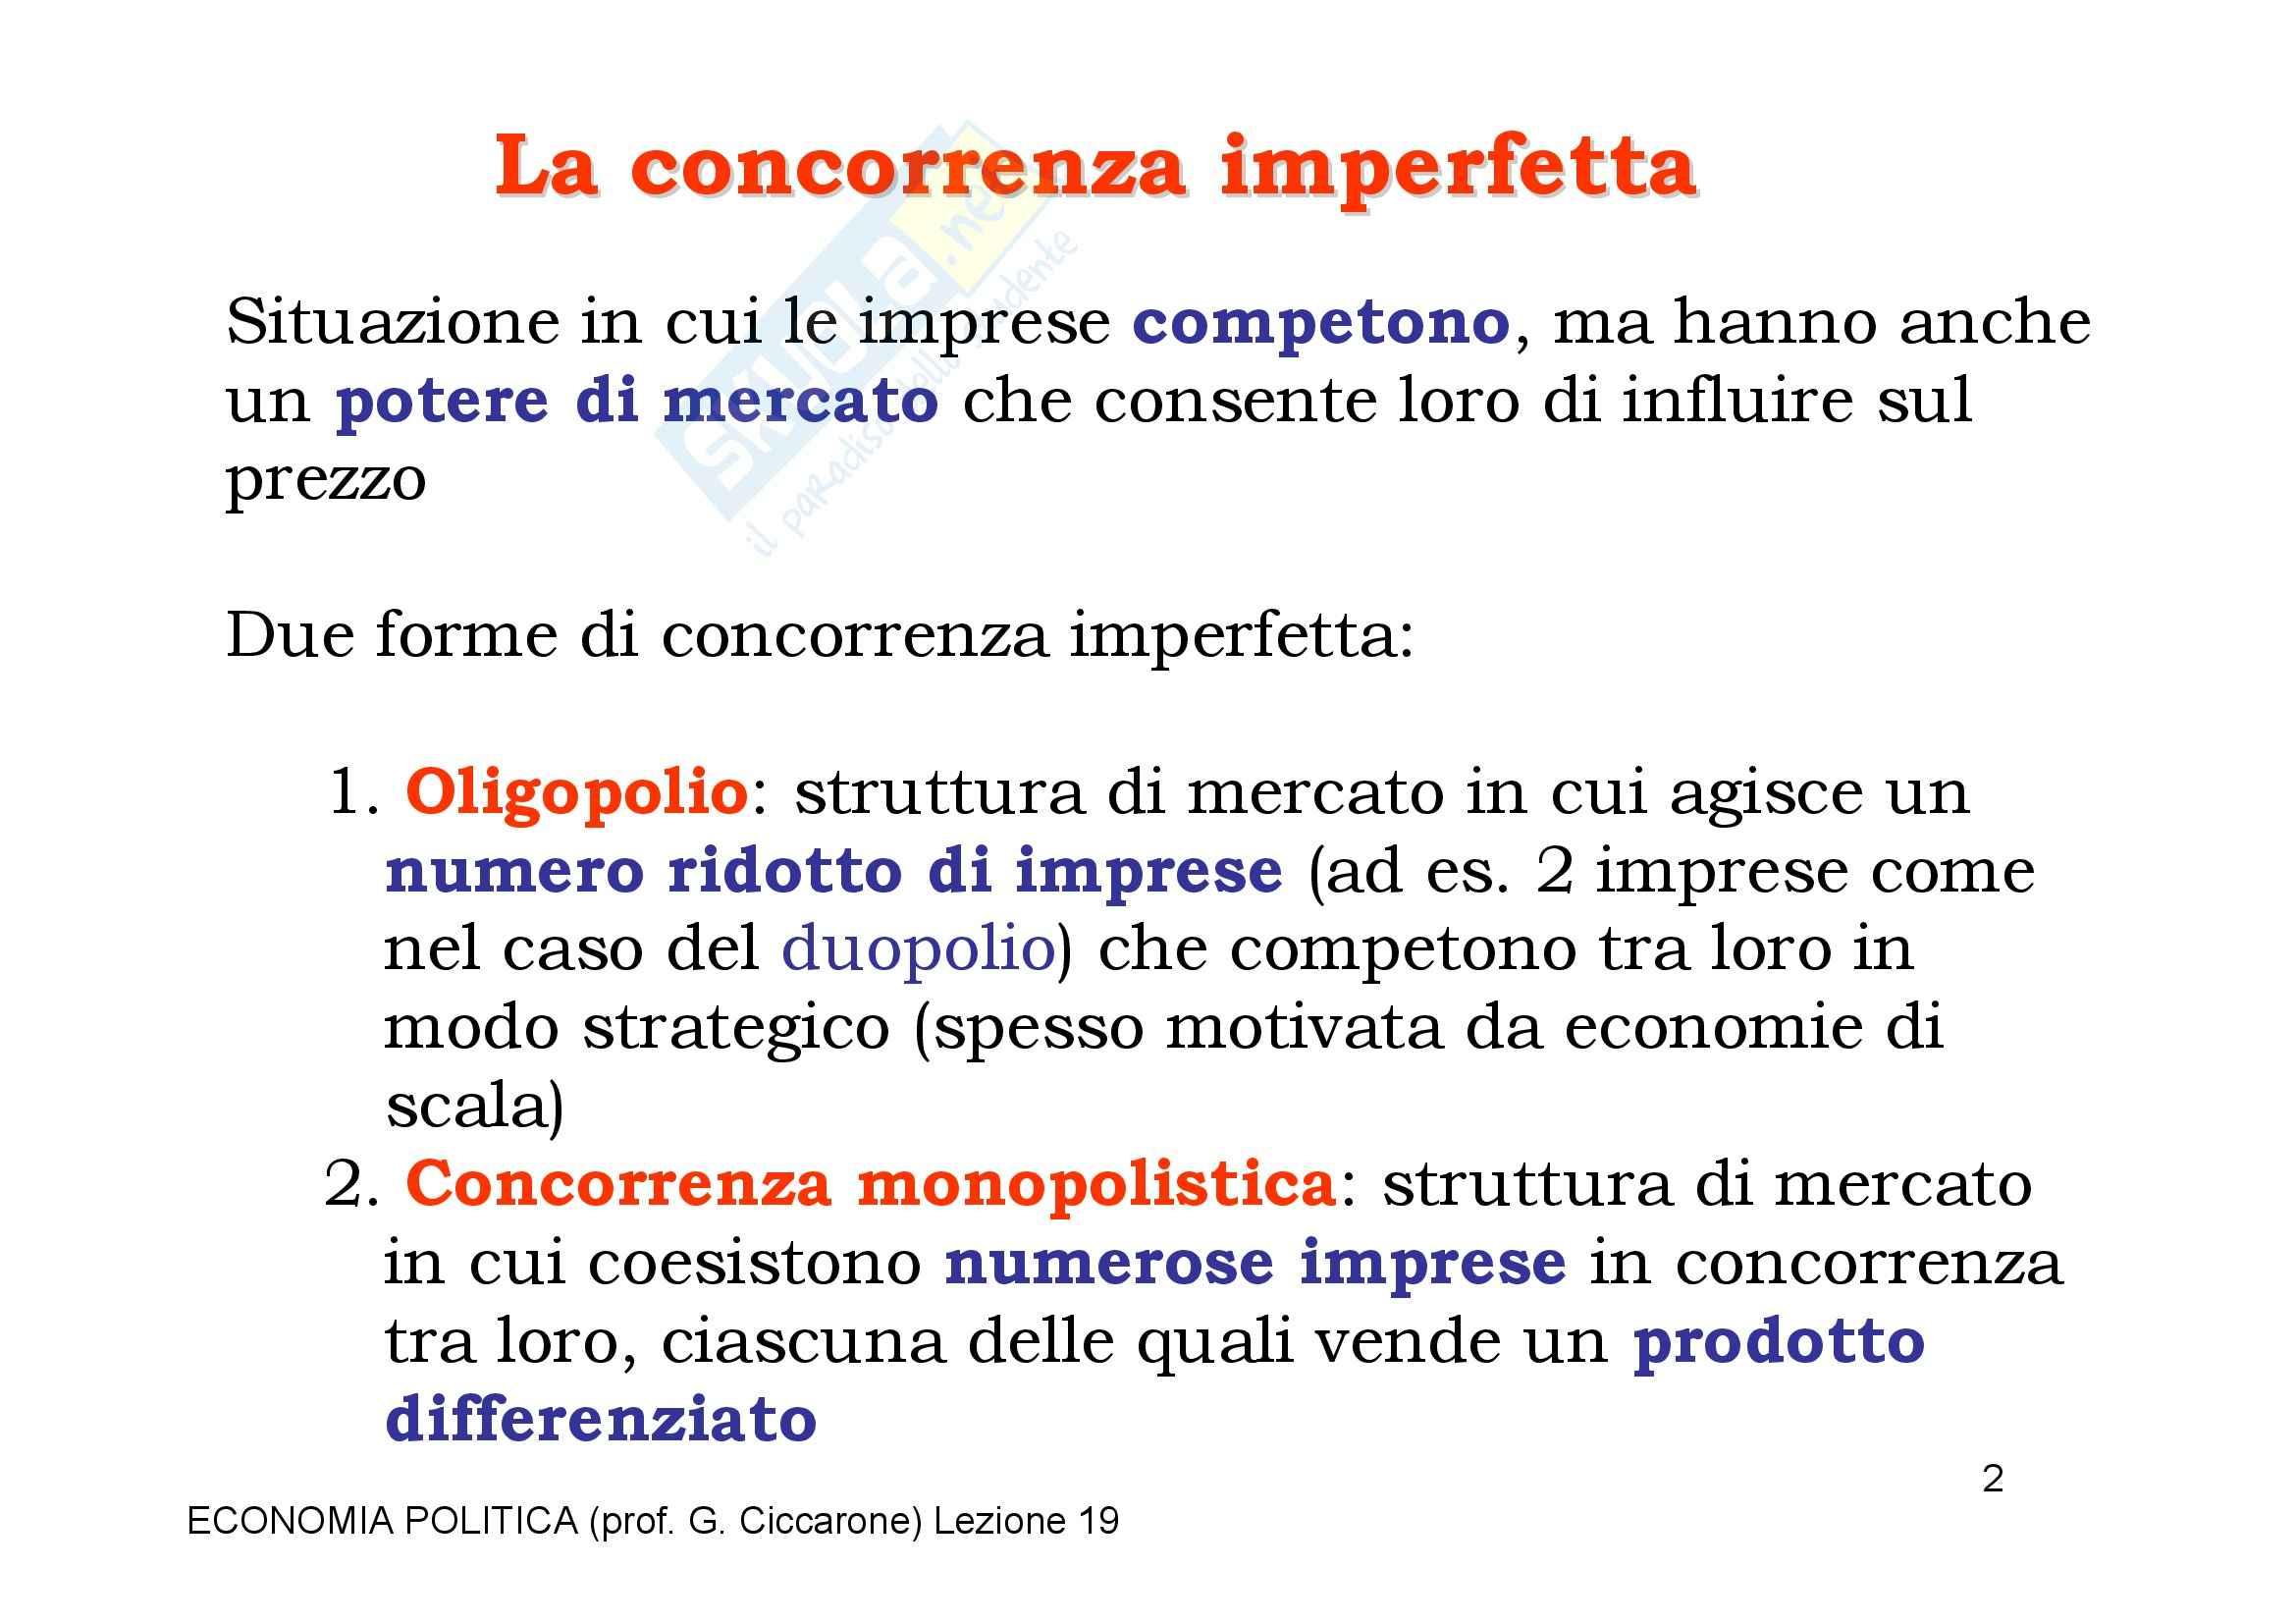 Economia monetaria - la concorrenza imperfetta Pag. 2